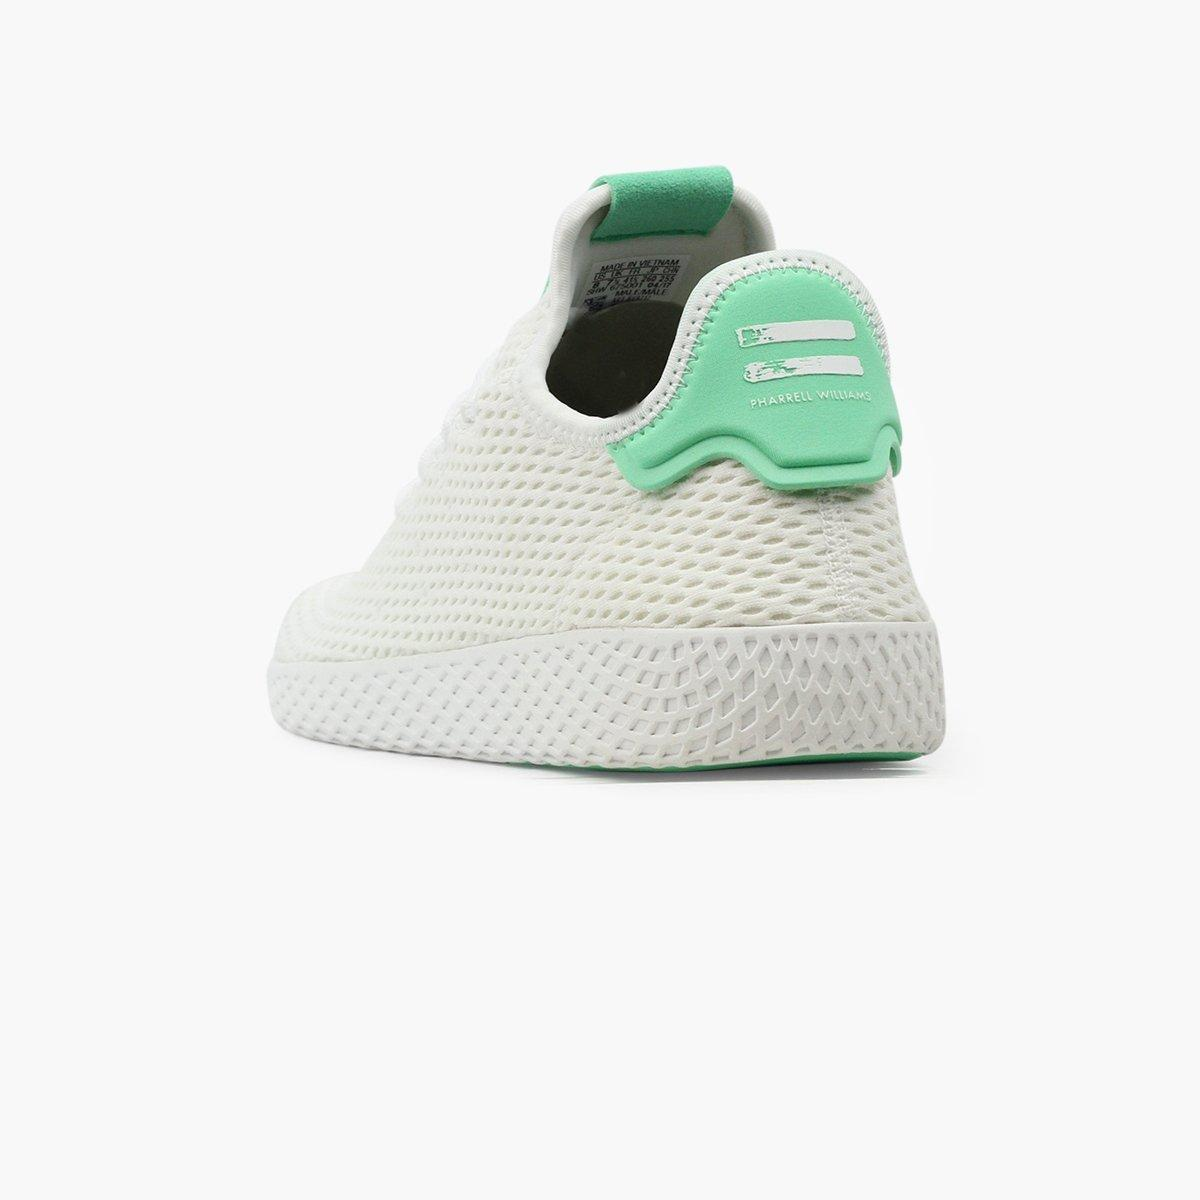 a686a107c ... Adidas Original Pharrell Williams tennis